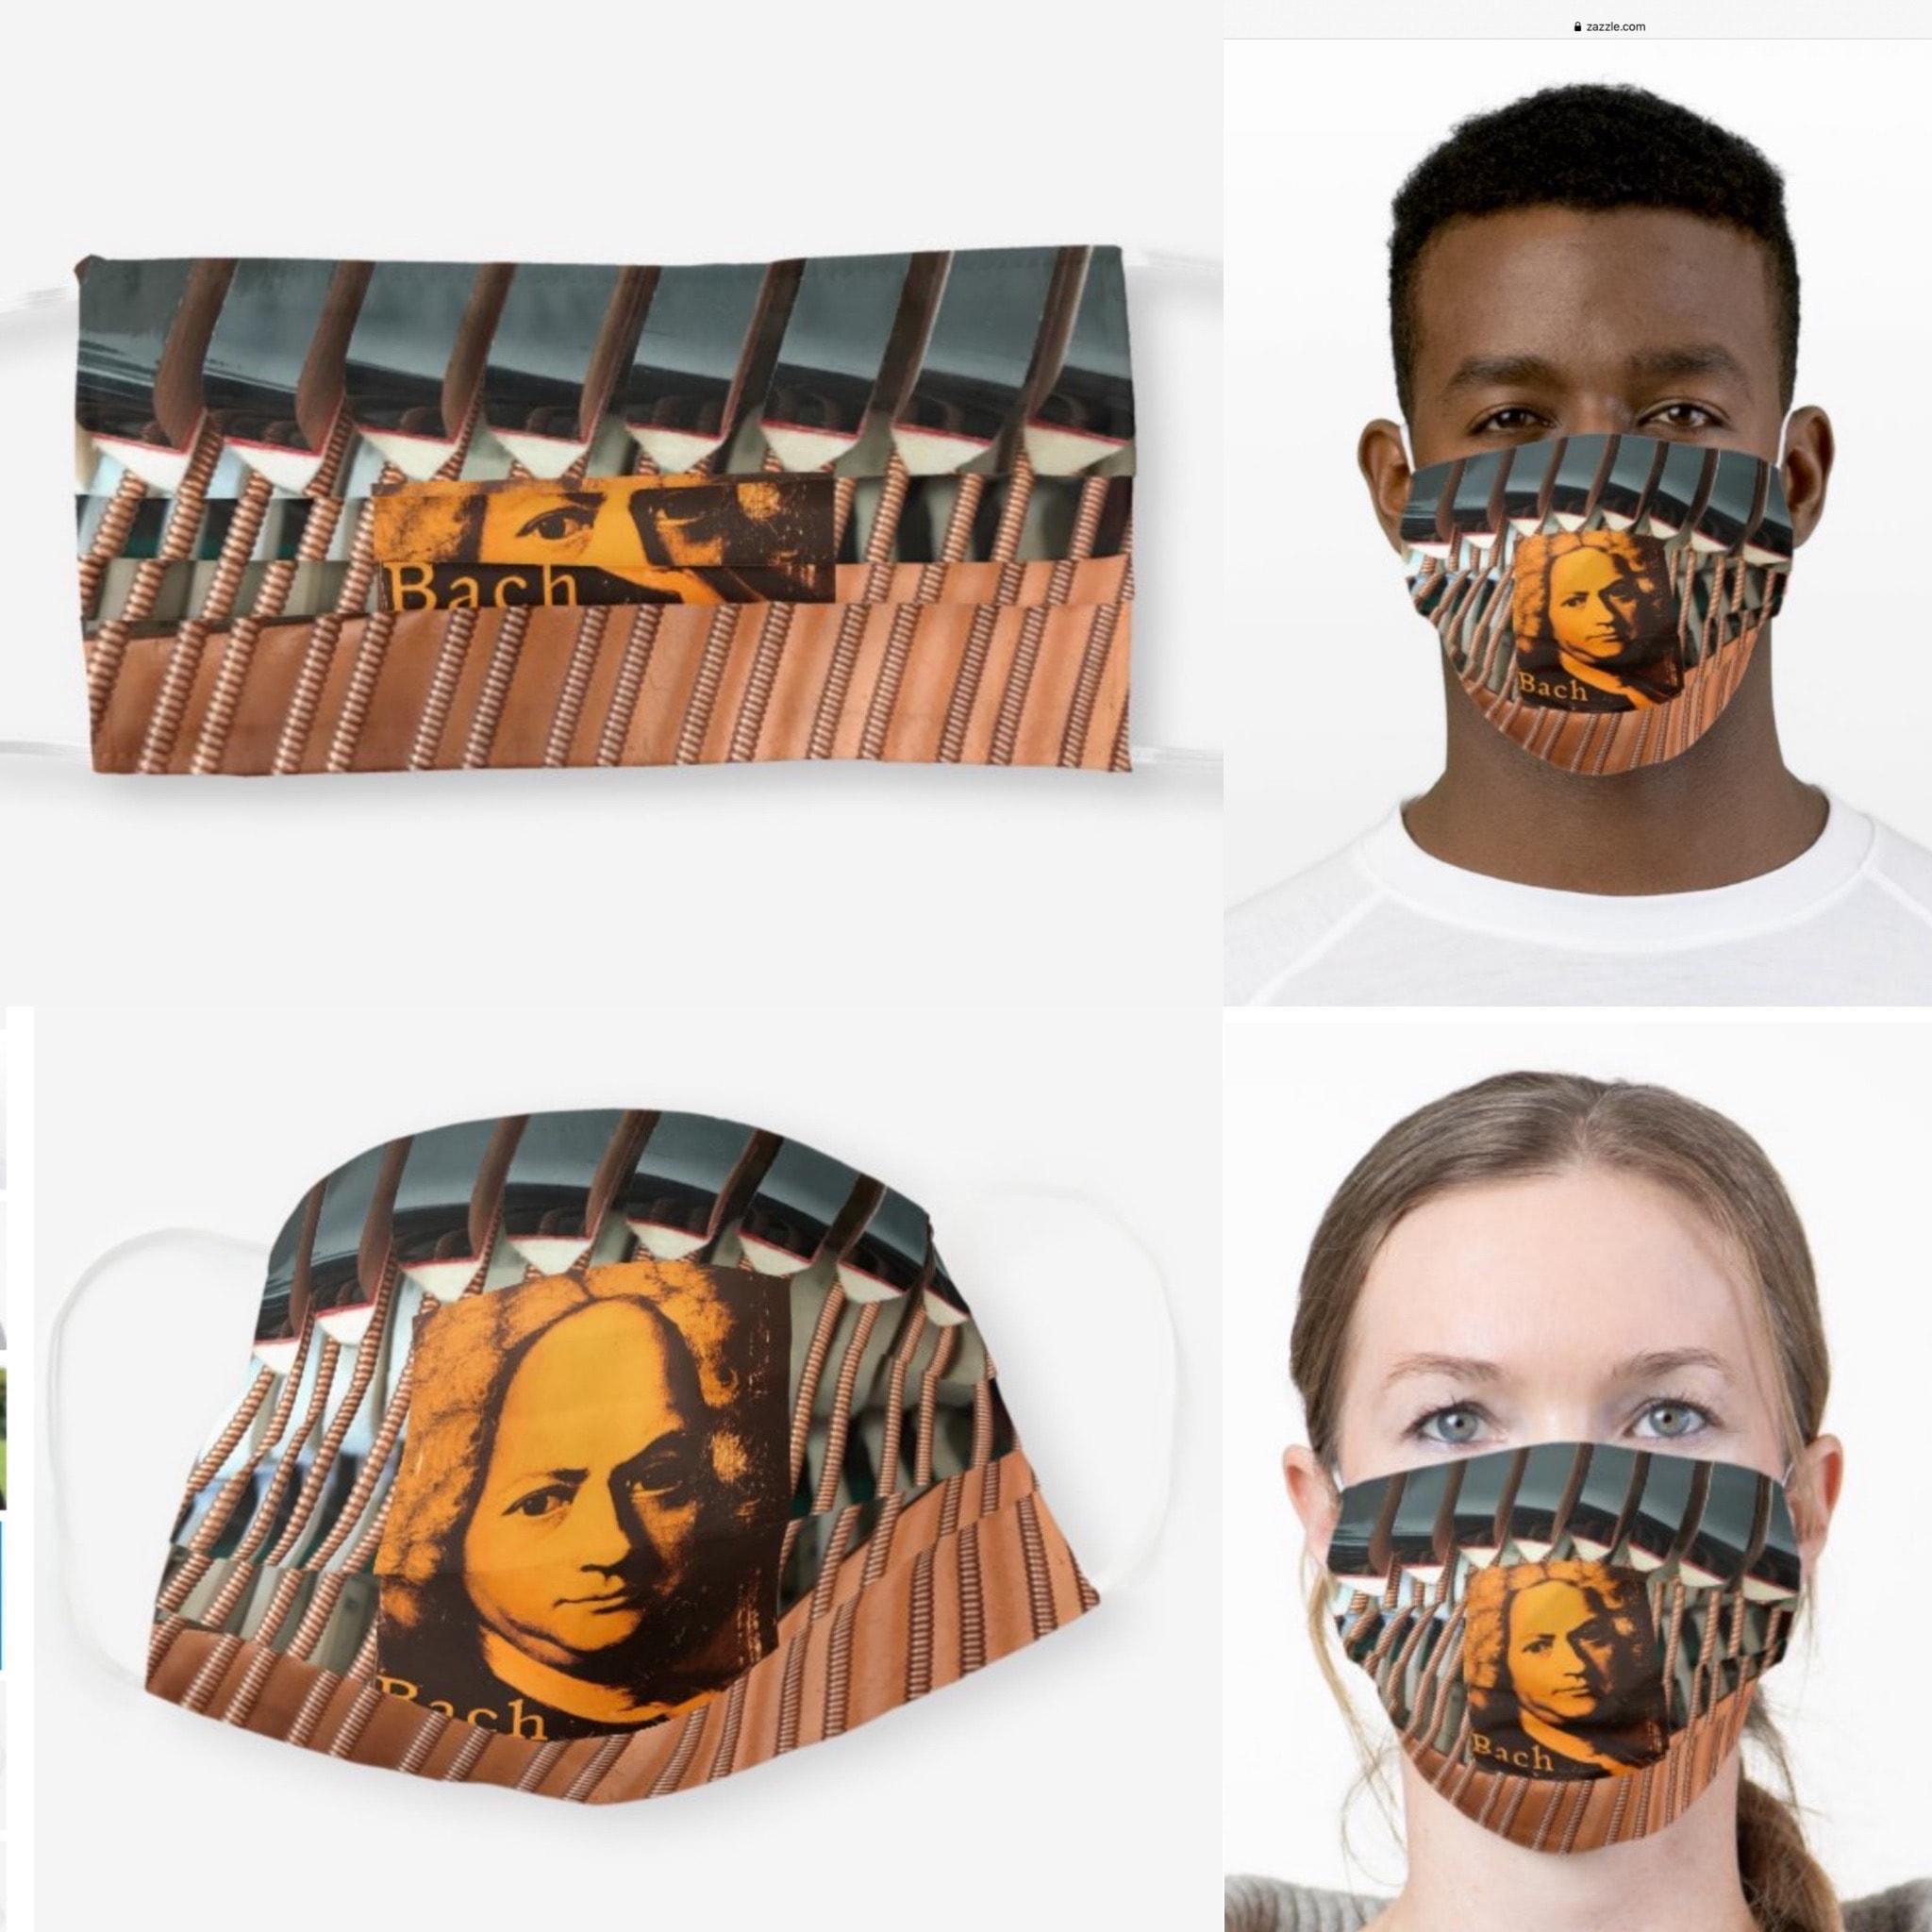 J.S. Bach Cello Suites Mask